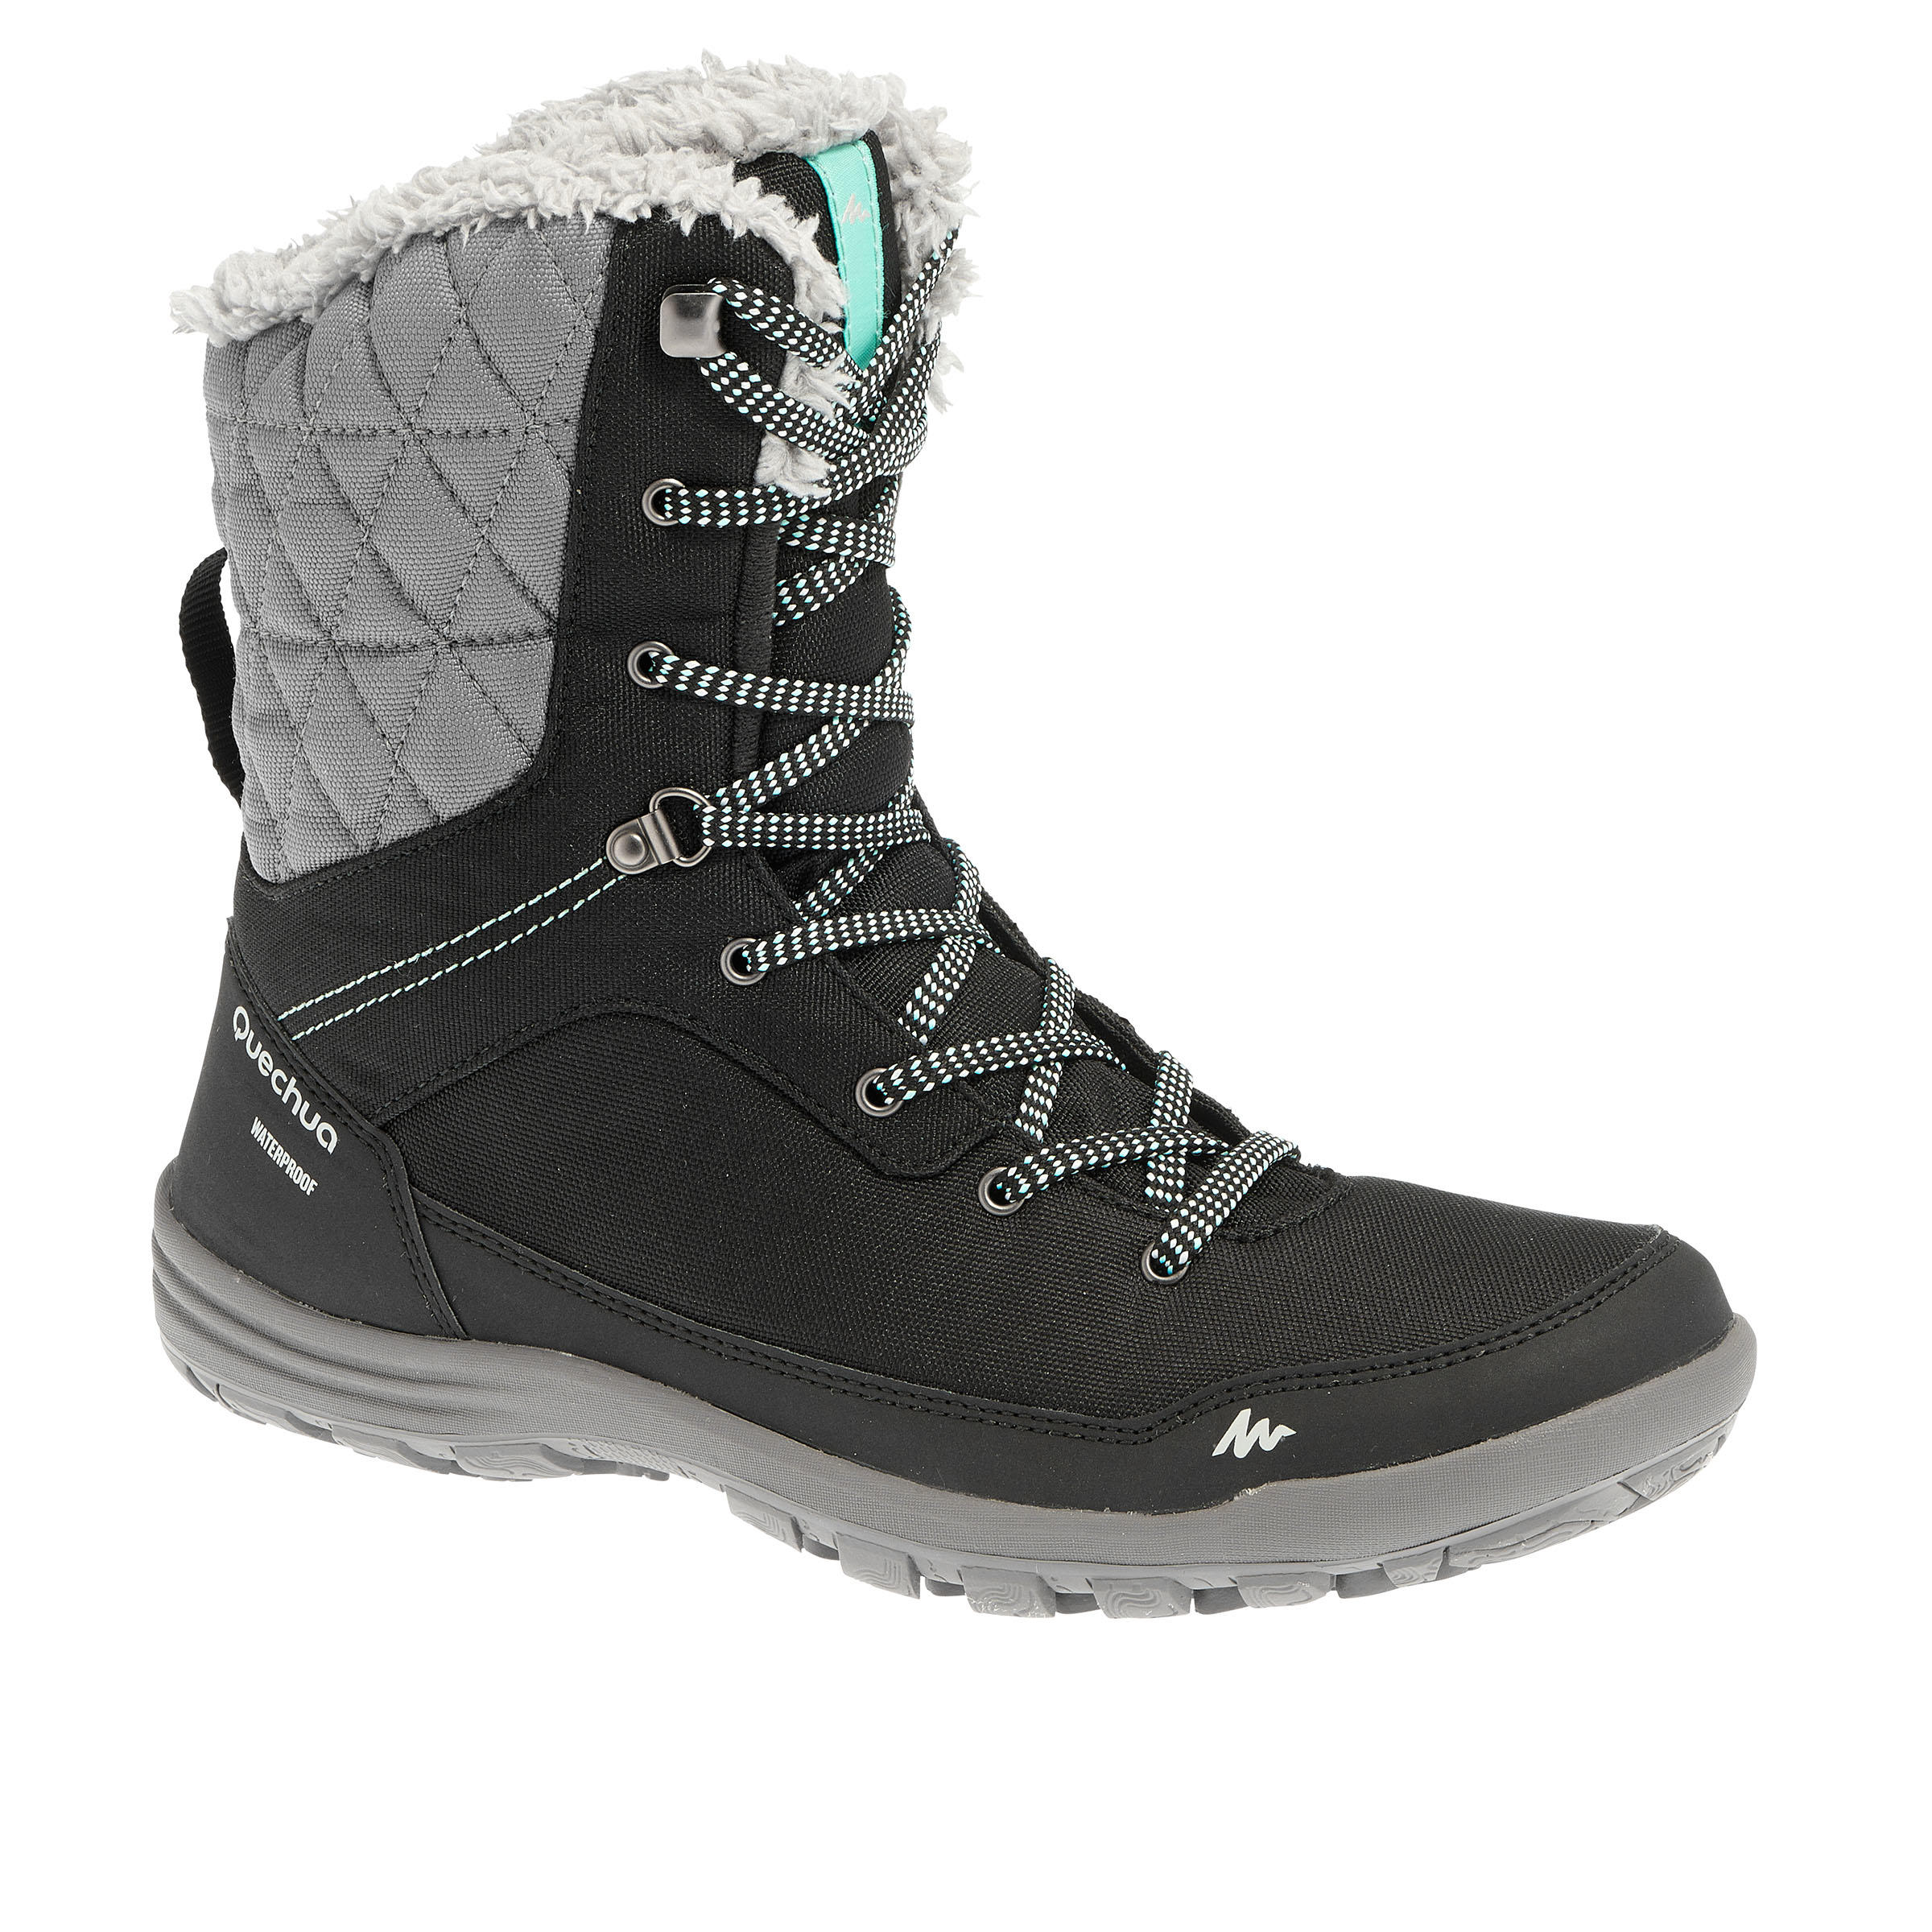 Quechua Schoenen voor wandelen in de sneeuw dames SH100 High warm waterdicht thumbnail